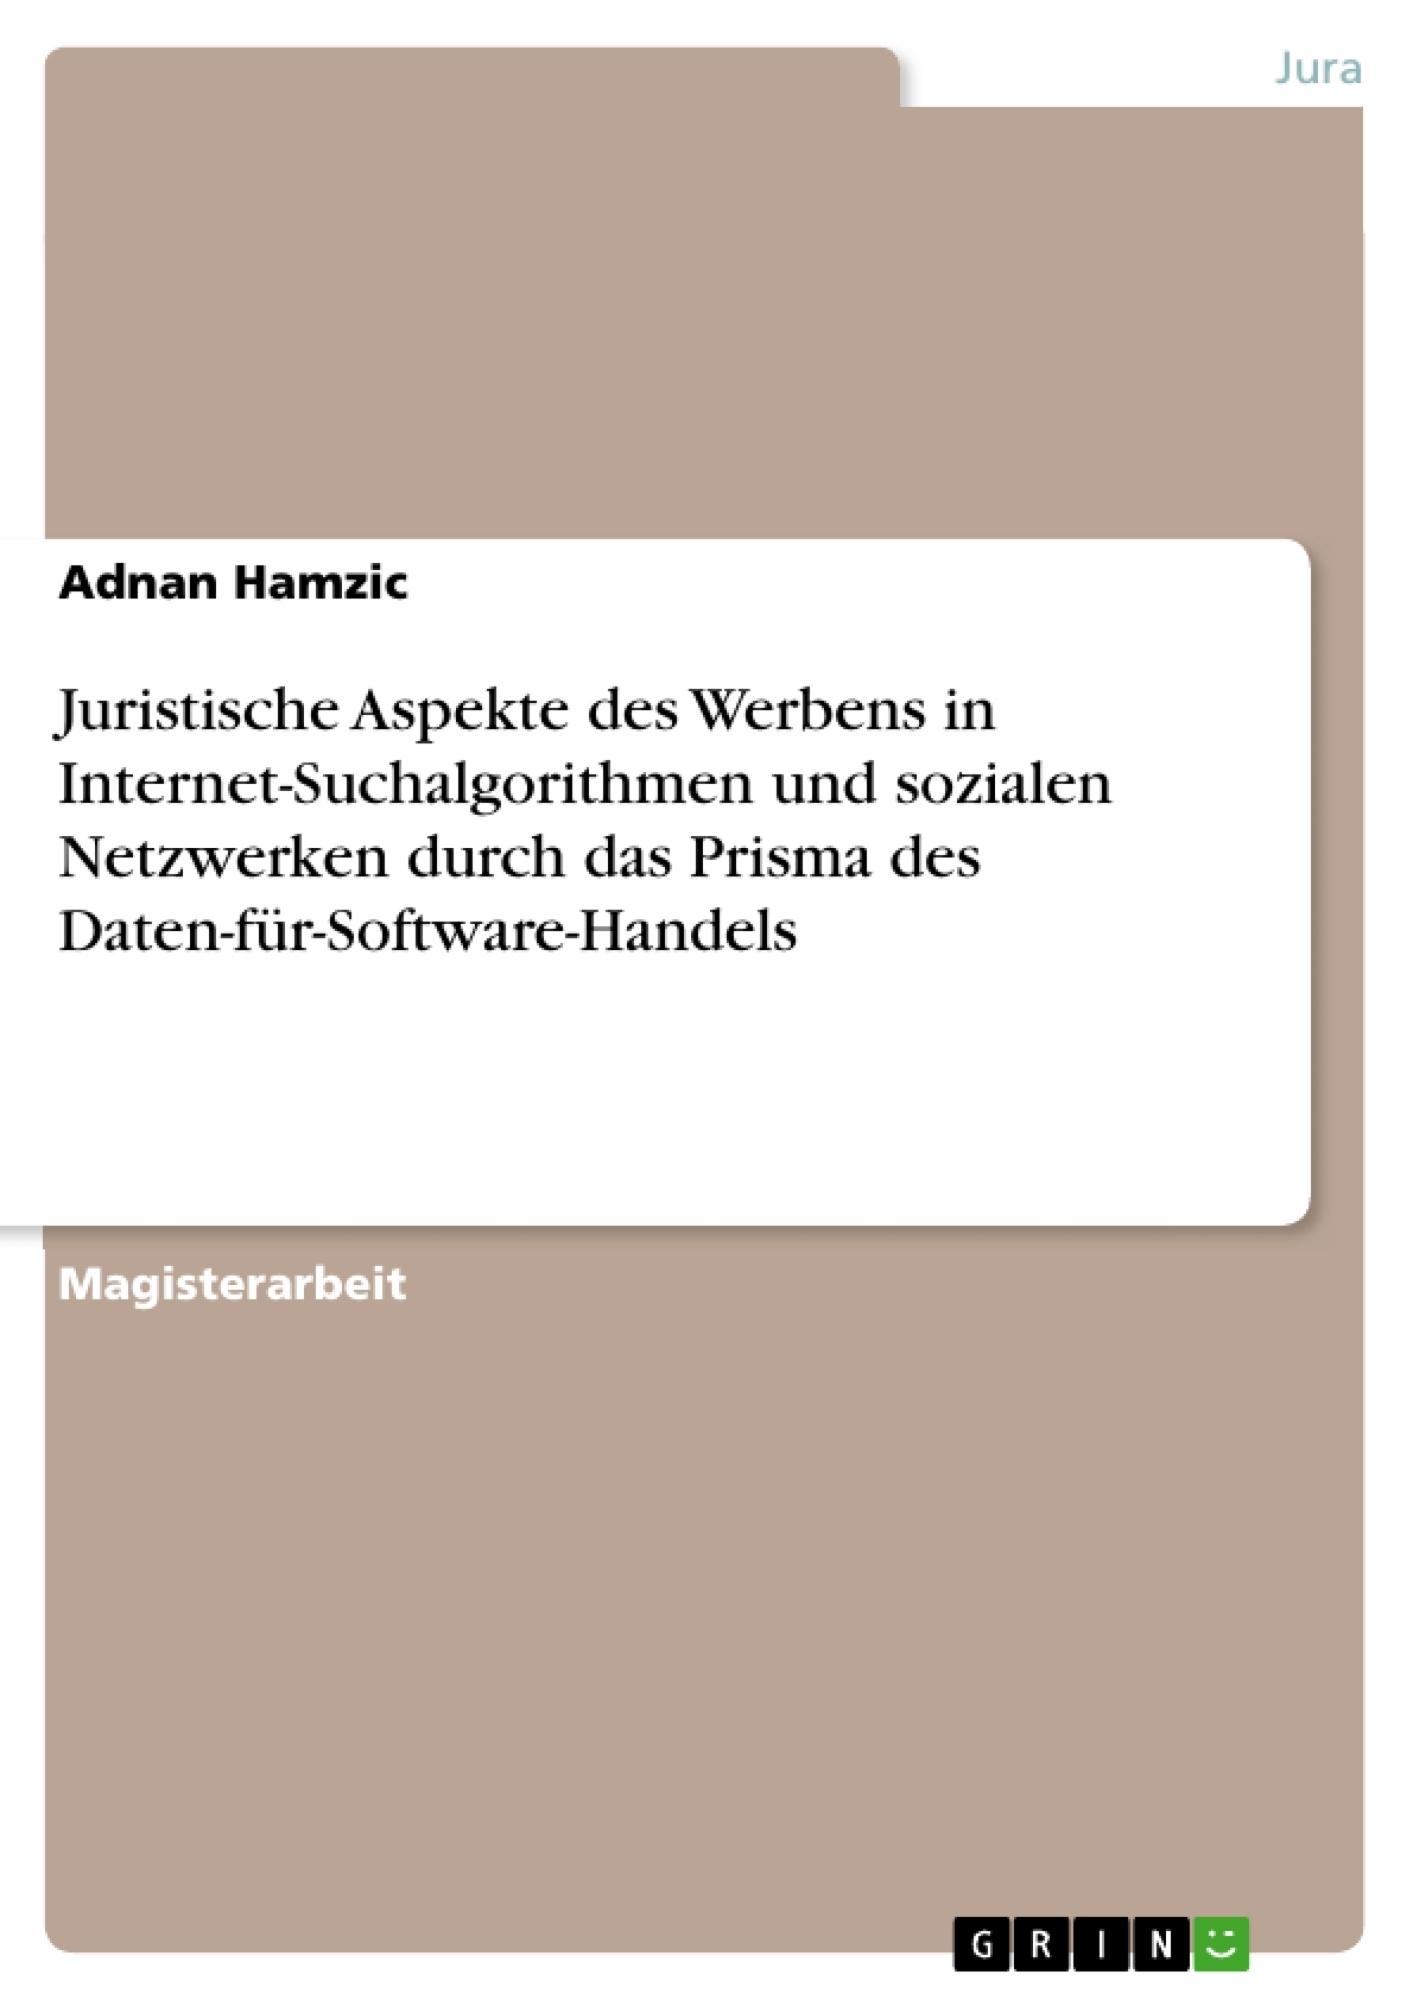 Titel: Juristische Aspekte des Werbens in Internet-Suchalgorithmen und sozialen Netzwerken durch das Prisma des Daten-für-Software-Handels